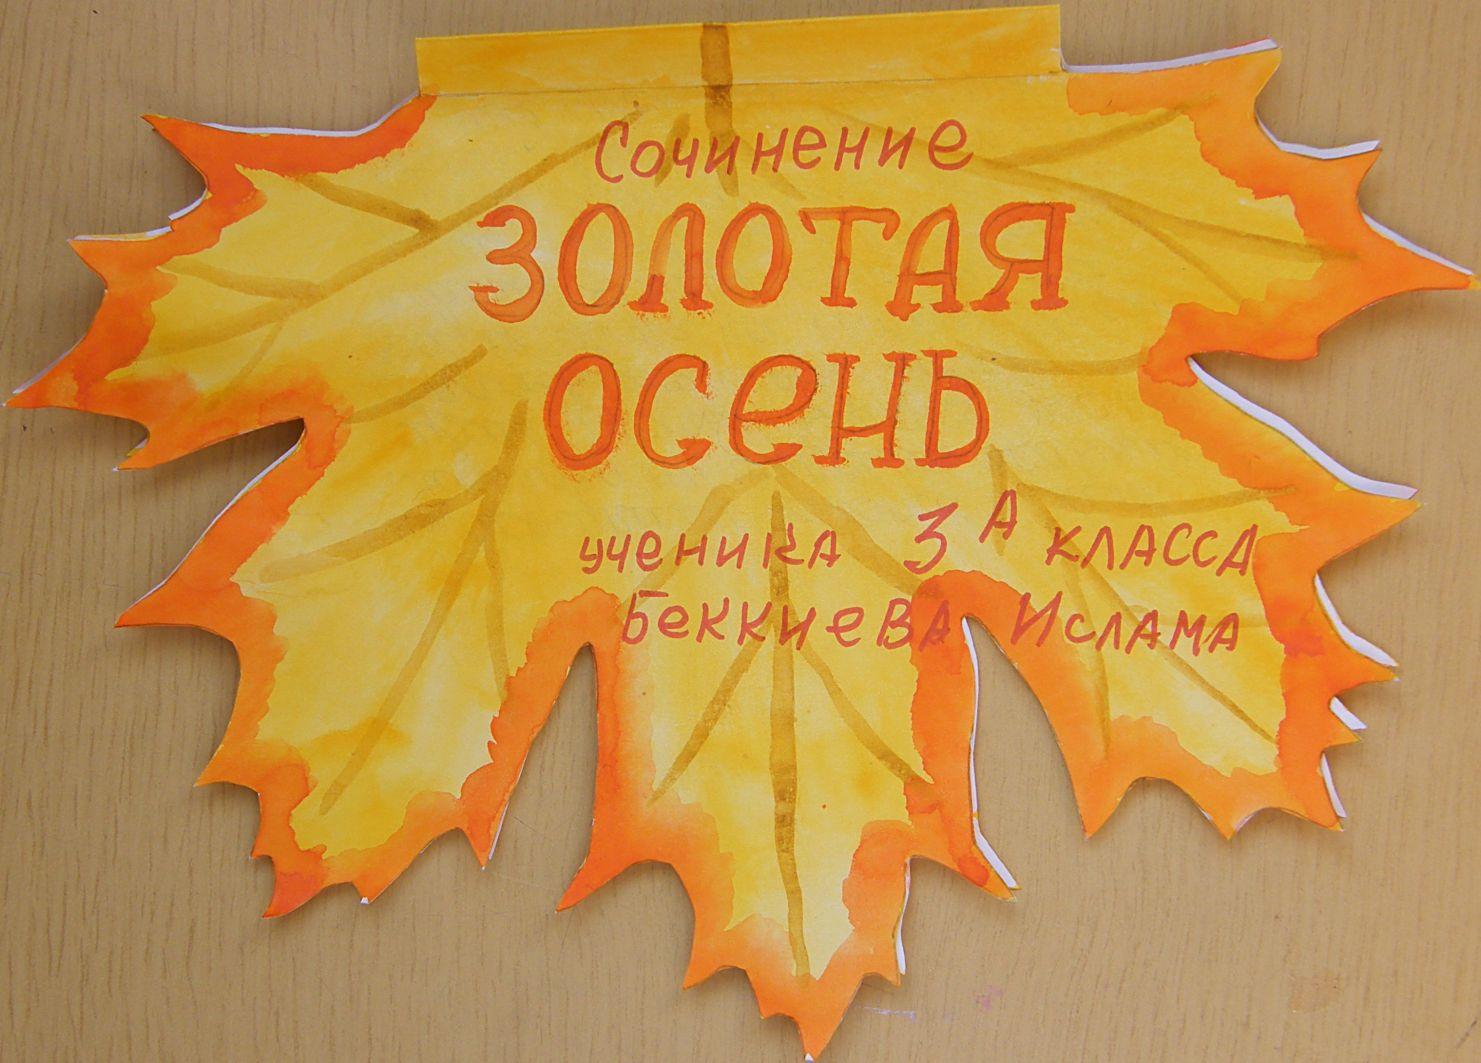 Сочинение золотая осень и картинки